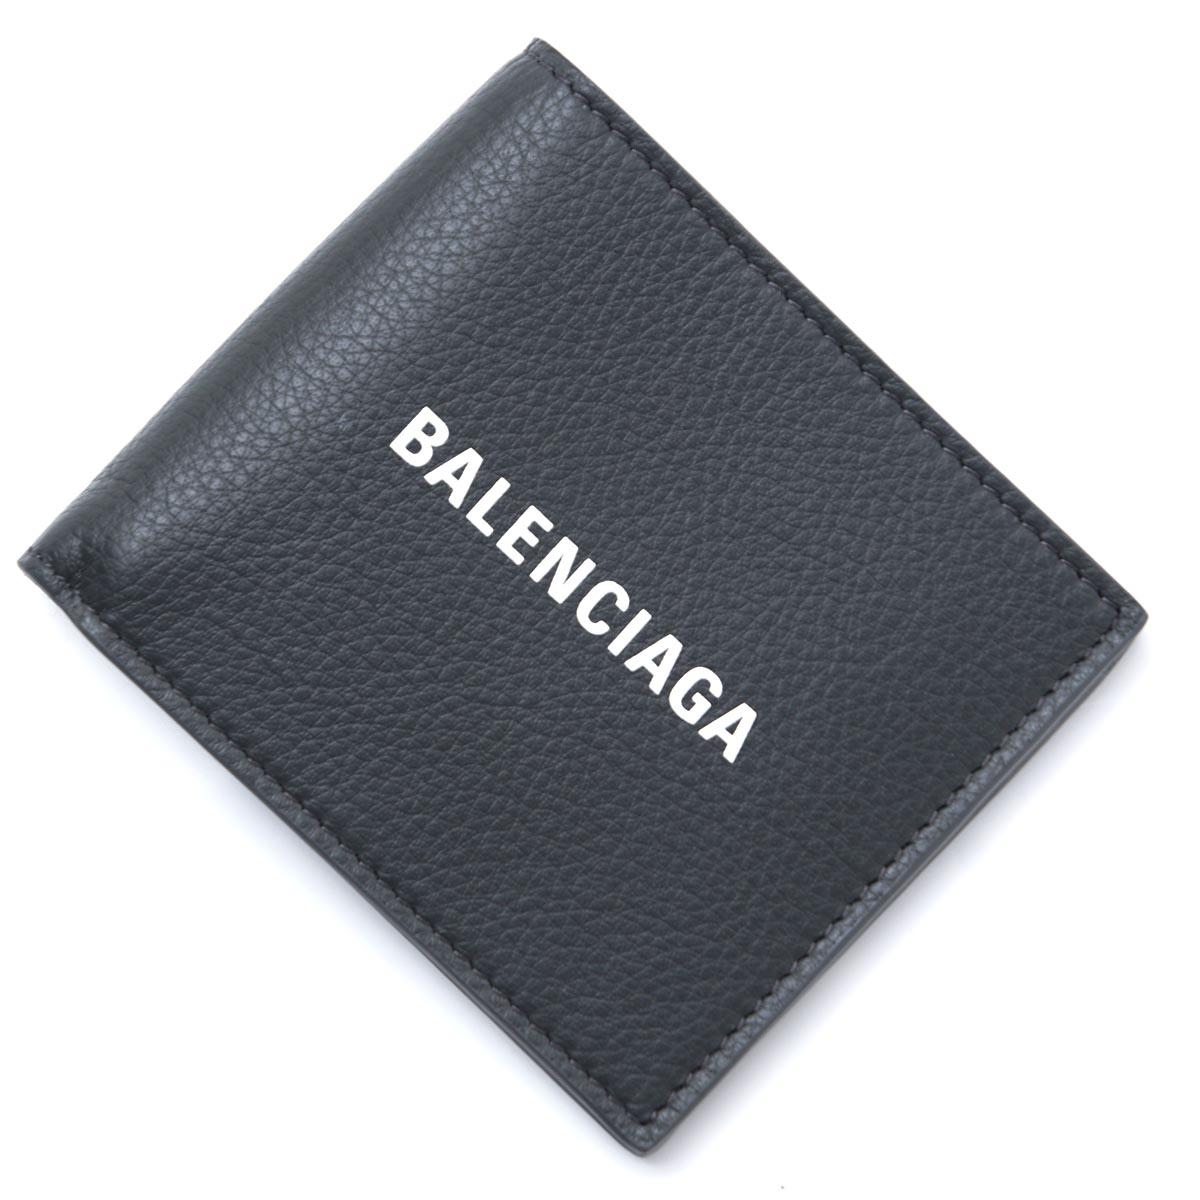 バレンシアガ BALENCIAGA 2つ折り 財布 グレー メンズ ウォレット ギフト プレゼント 485108 dlqhn 1160【ラッピング無料】【返品送料無料】【181220】【あす楽対応_関東】